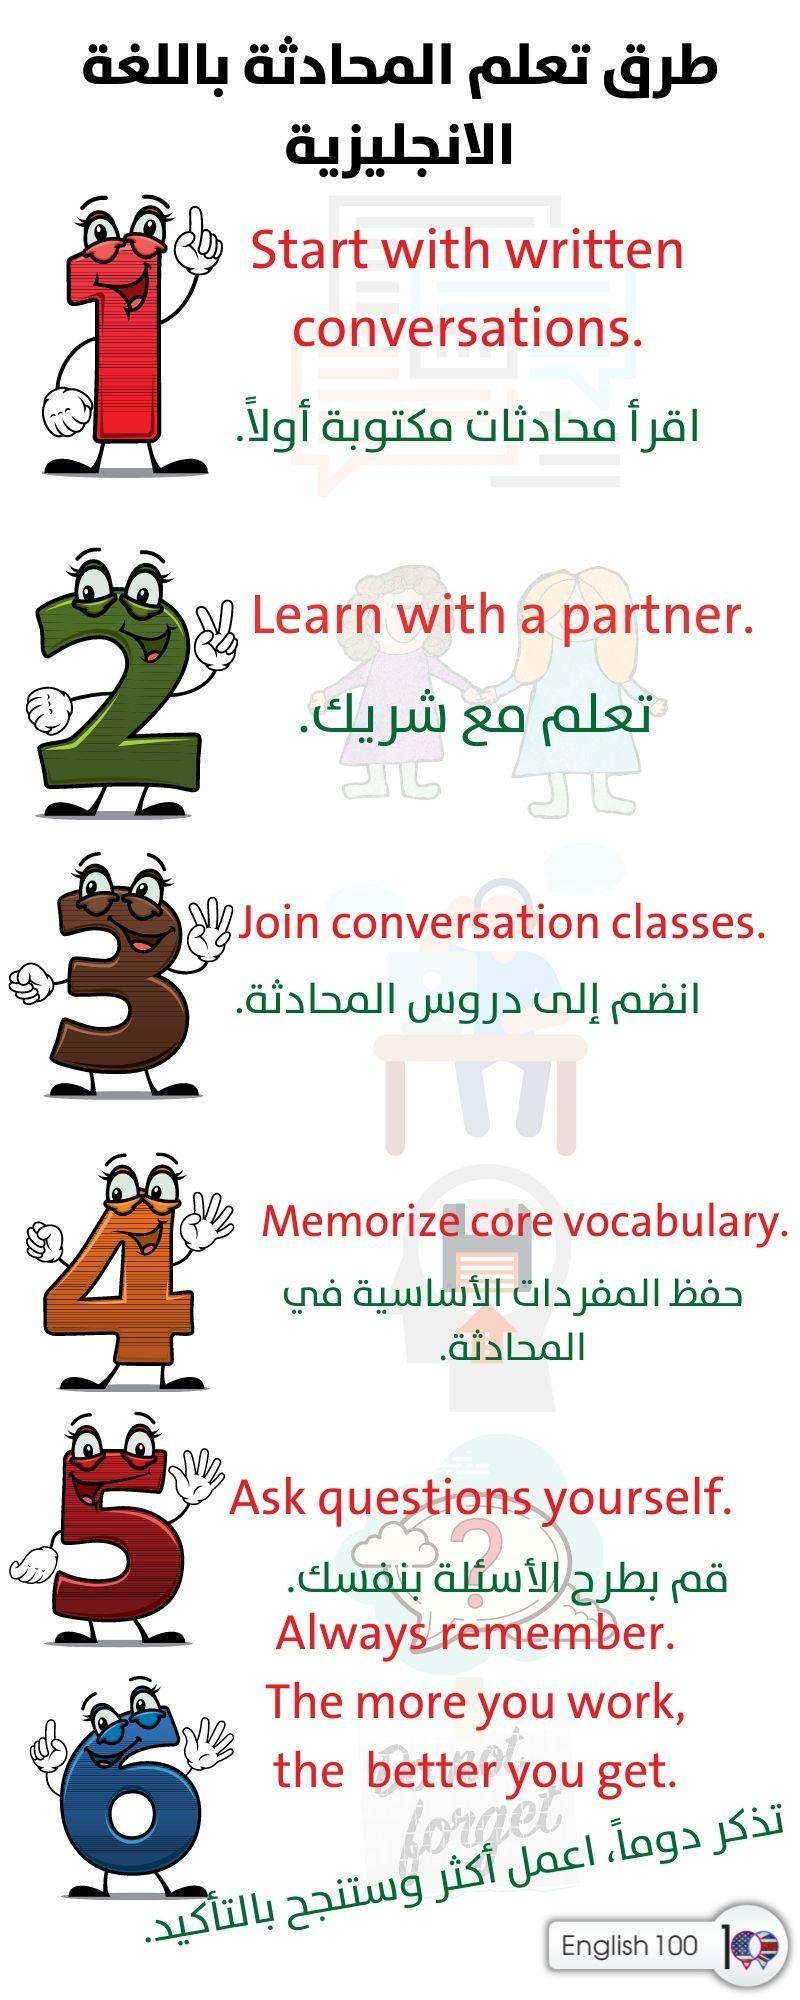 طرق تعلم المحادثة باللغة الانجليزية Ways to learn conversation in English